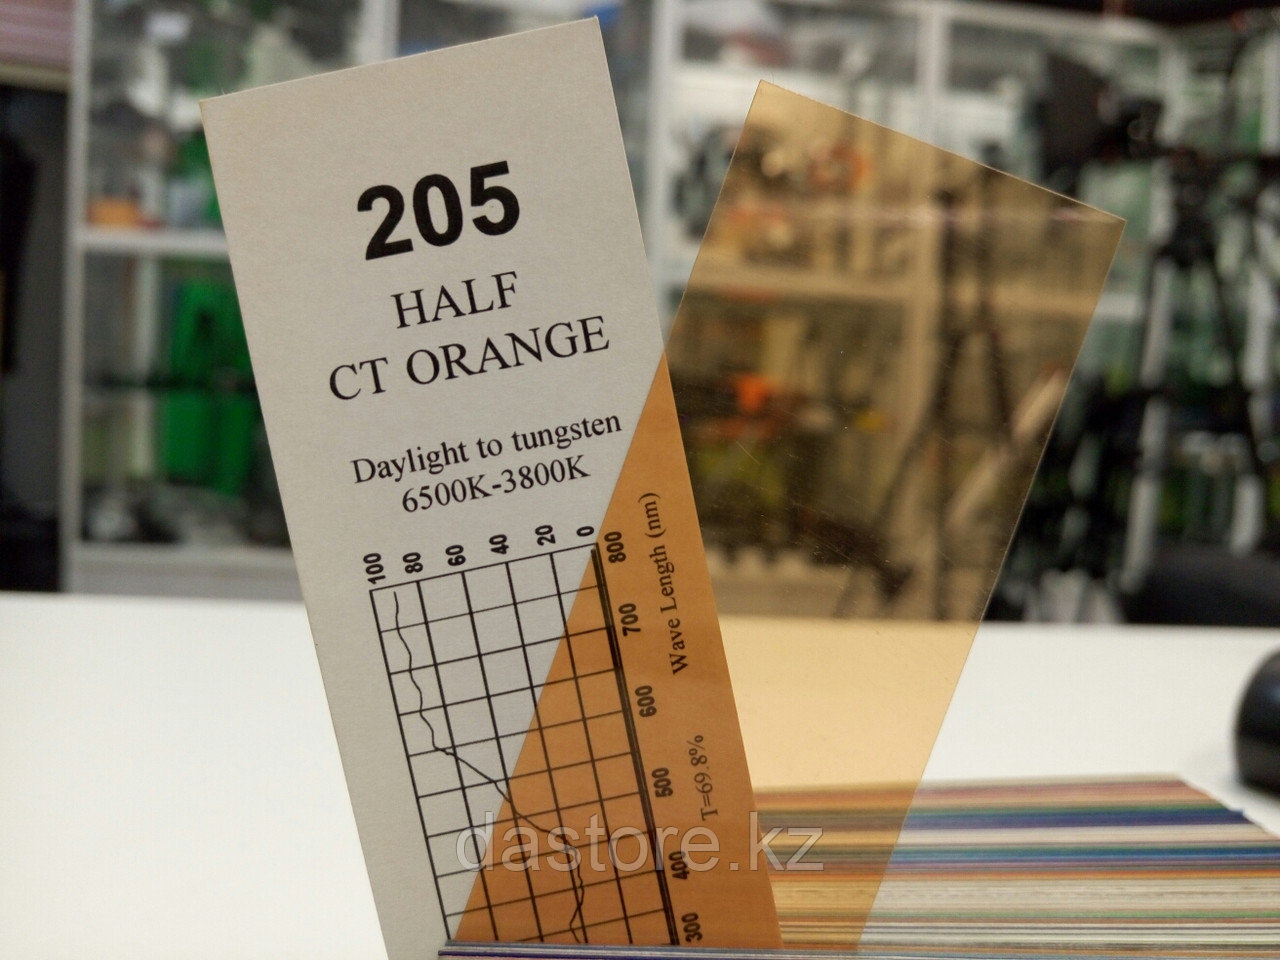 Cotech 205 HALF CT ORANGE светофильтр для осветительных приборов